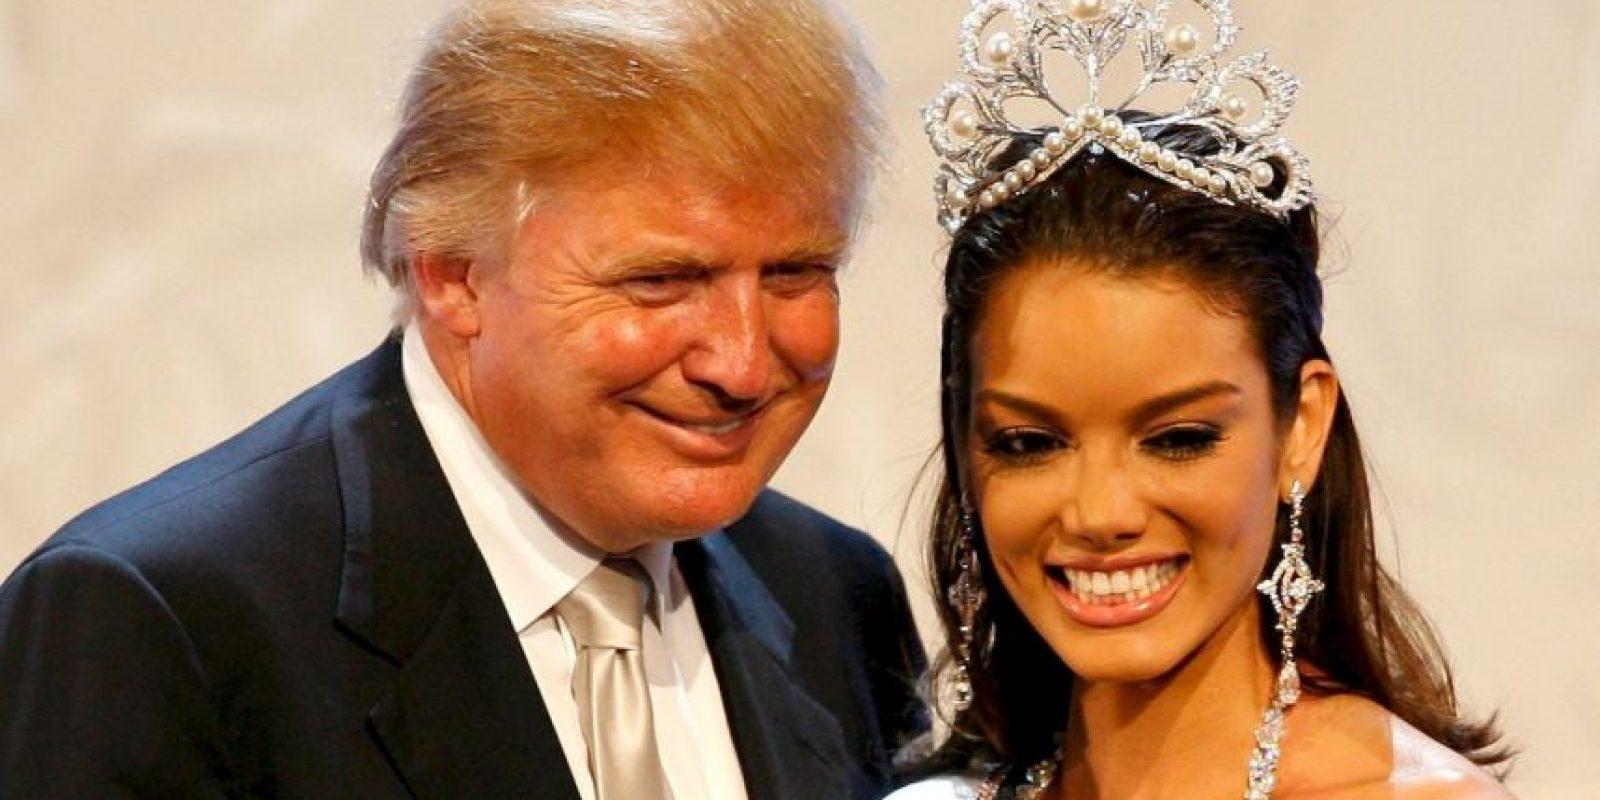 """La Miss Universo 2006 dijo sentirse """"dolida"""" a raíz de los comentarios de Donald Trump Foto:Getty Images"""